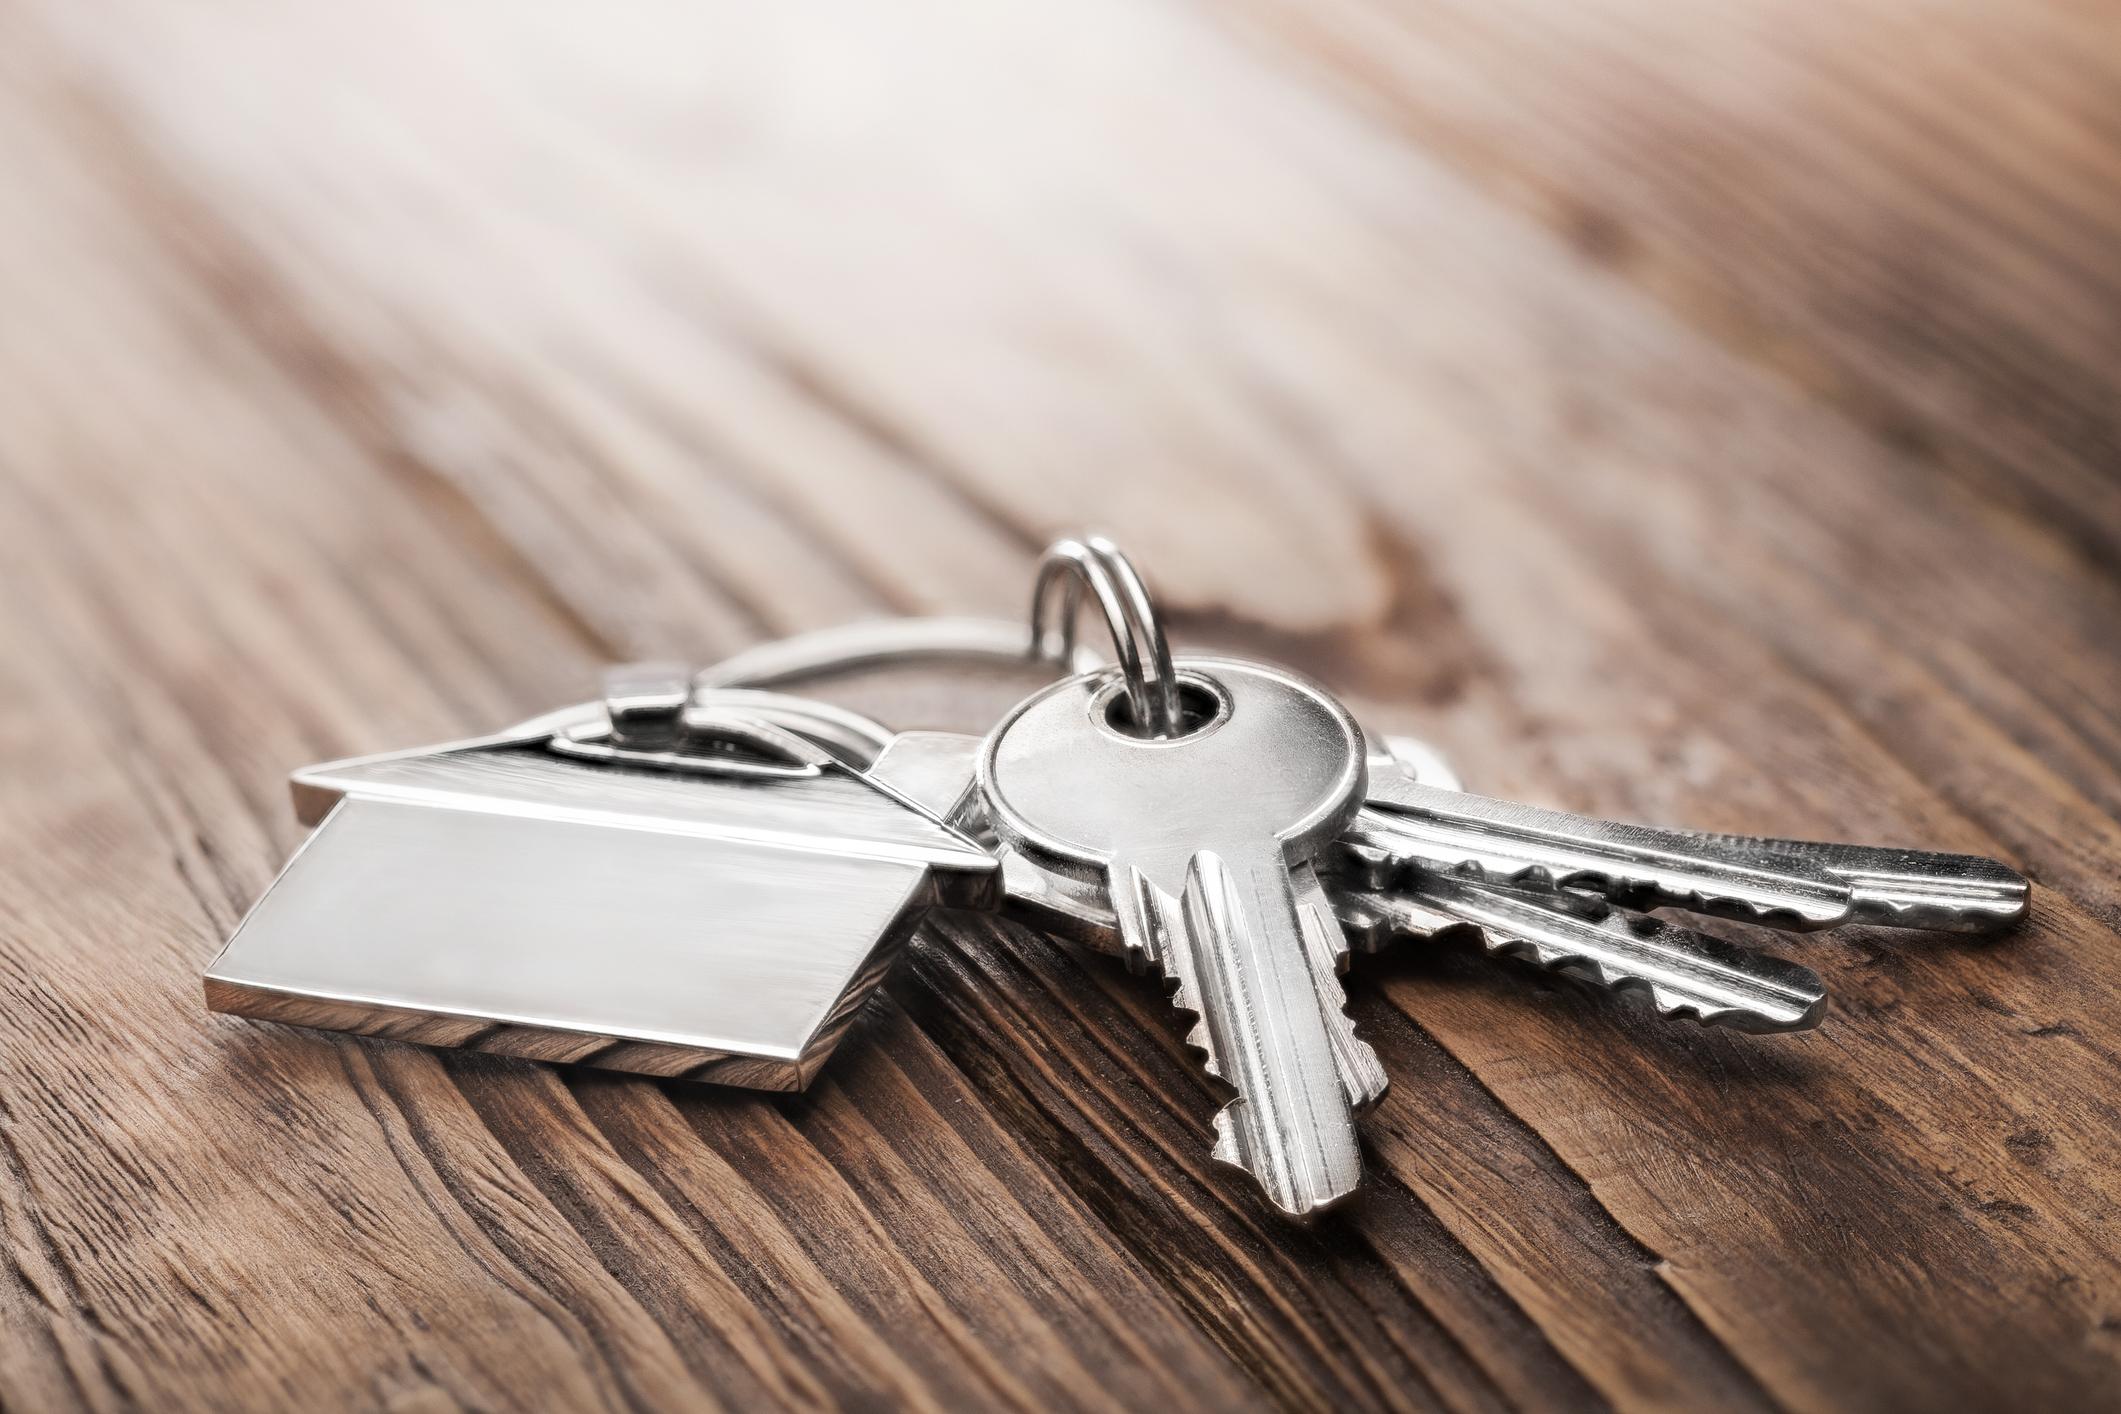 Comment sécuriser la maison avant le départ en vacances?